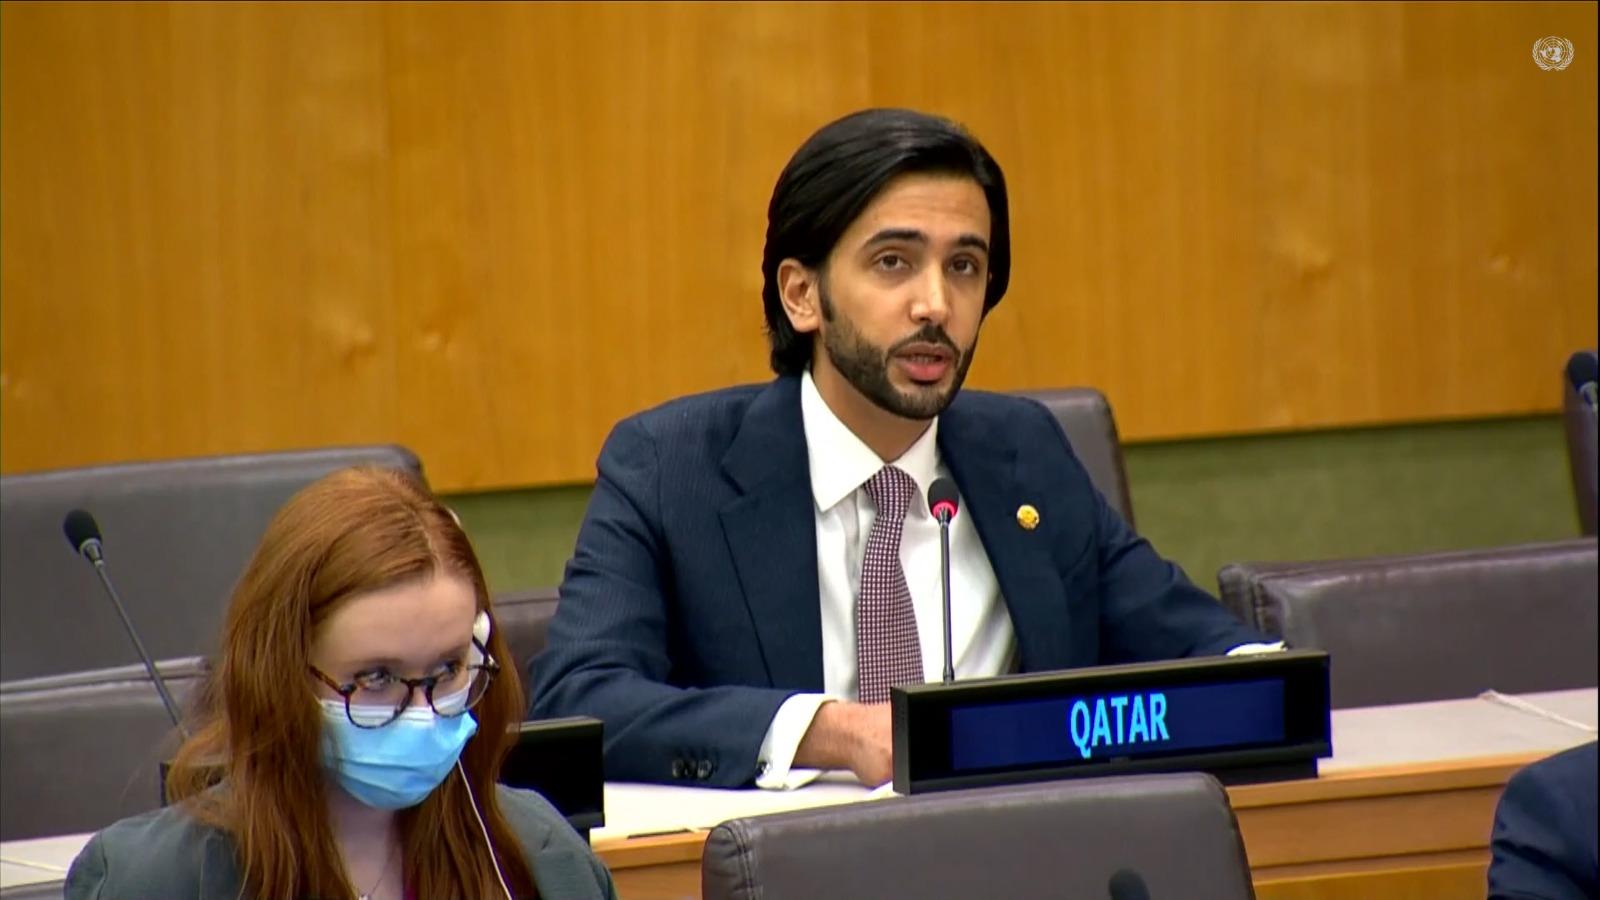 دولة قطر تجدد التأكيد على التعاون الدولي للتخلص من الأسلحة النووية وأسلحة الدمار الشامل